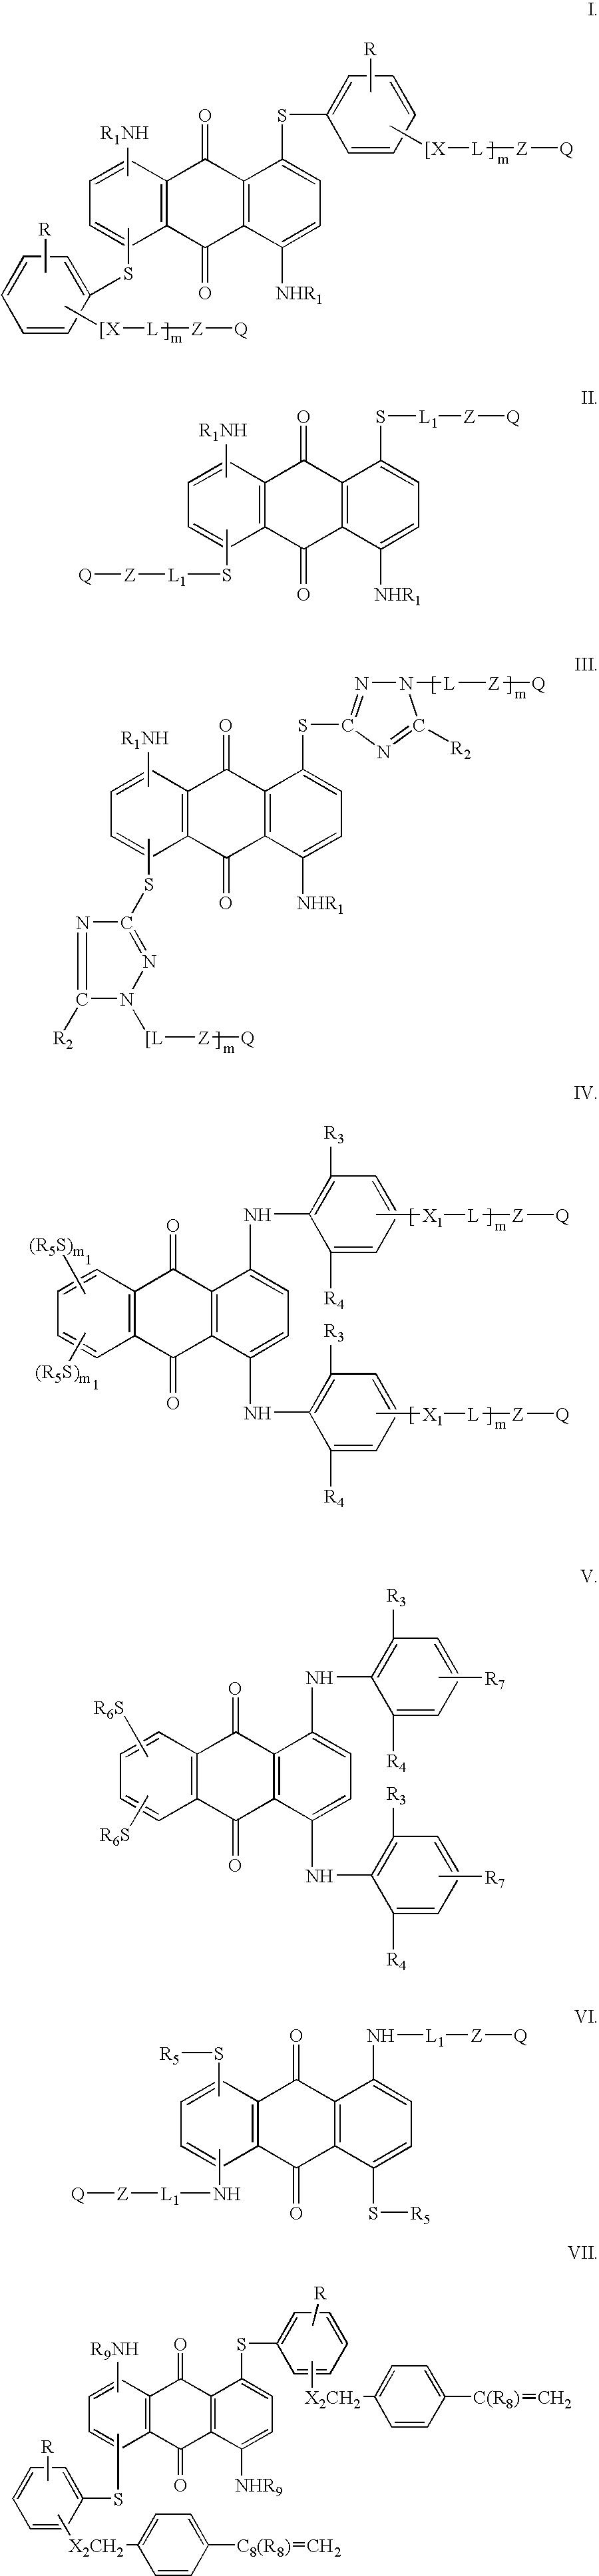 Figure US07141685-20061128-C00001